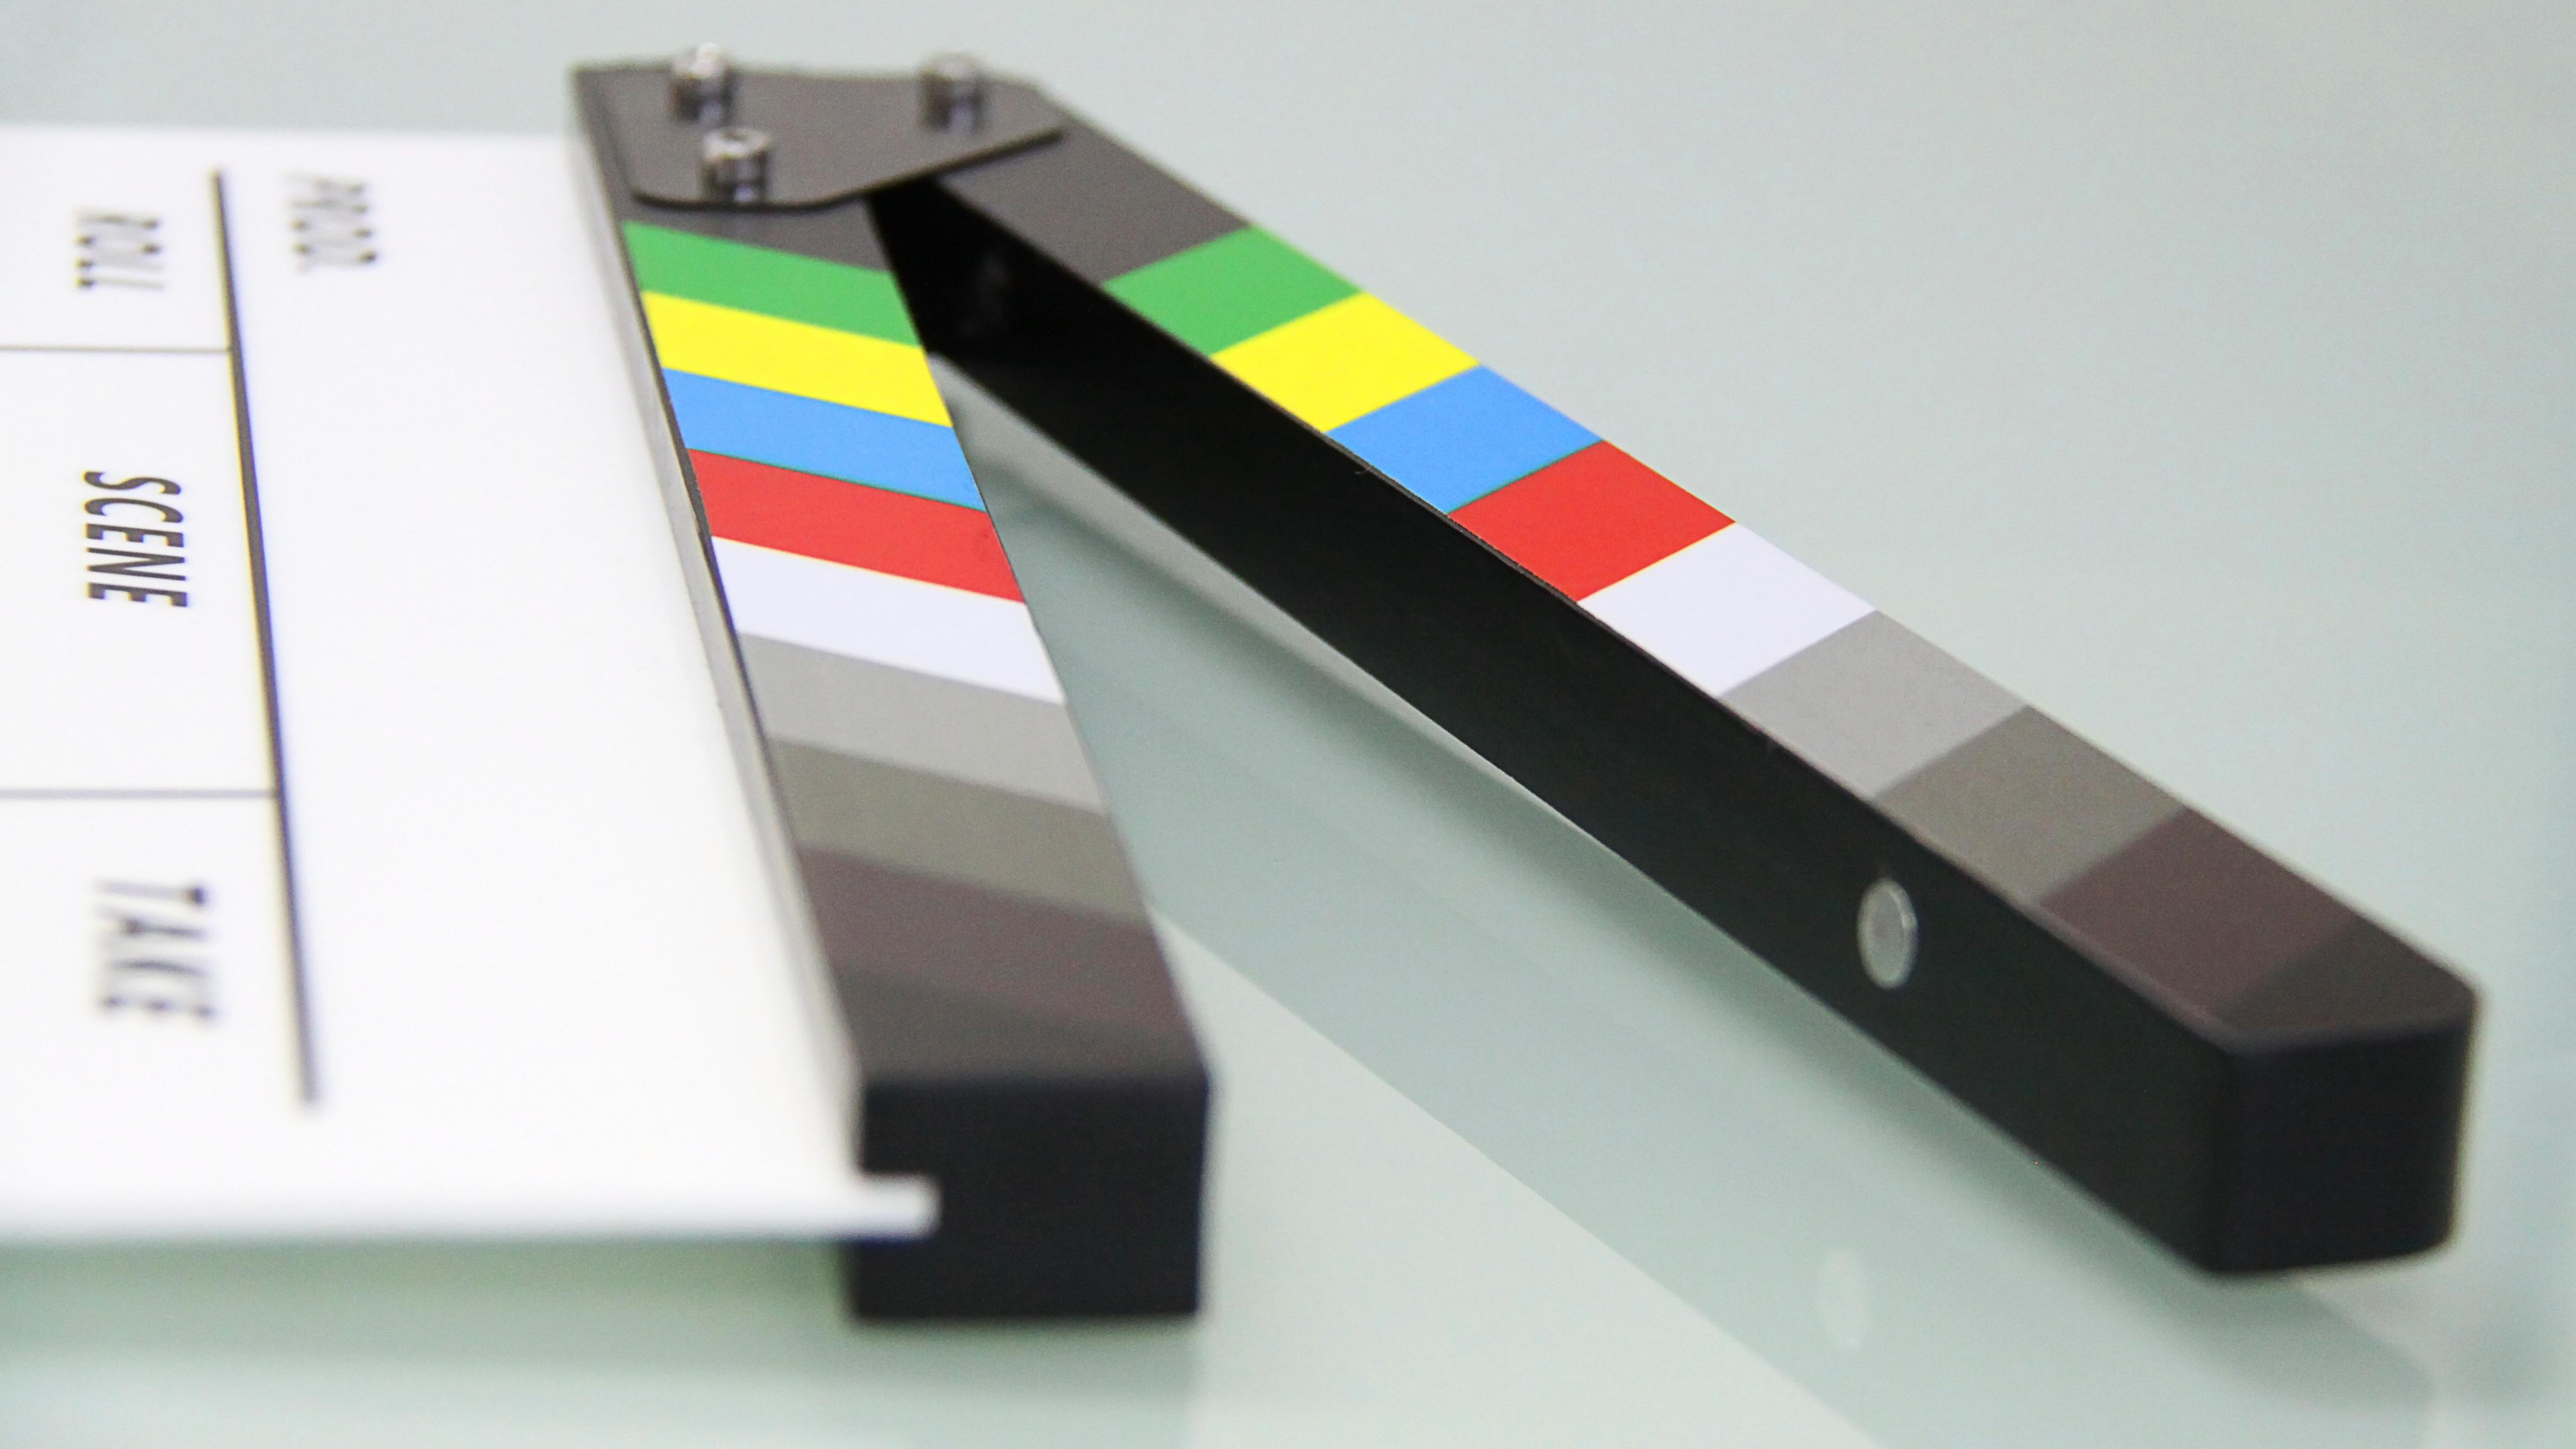 Wadah Kreativitas Filmmaker Muda untuk Menginspirasi Masyarakat Luas Berperan Aktif dalam Pemberdayaan Usaha Kecil Melalui Investasi